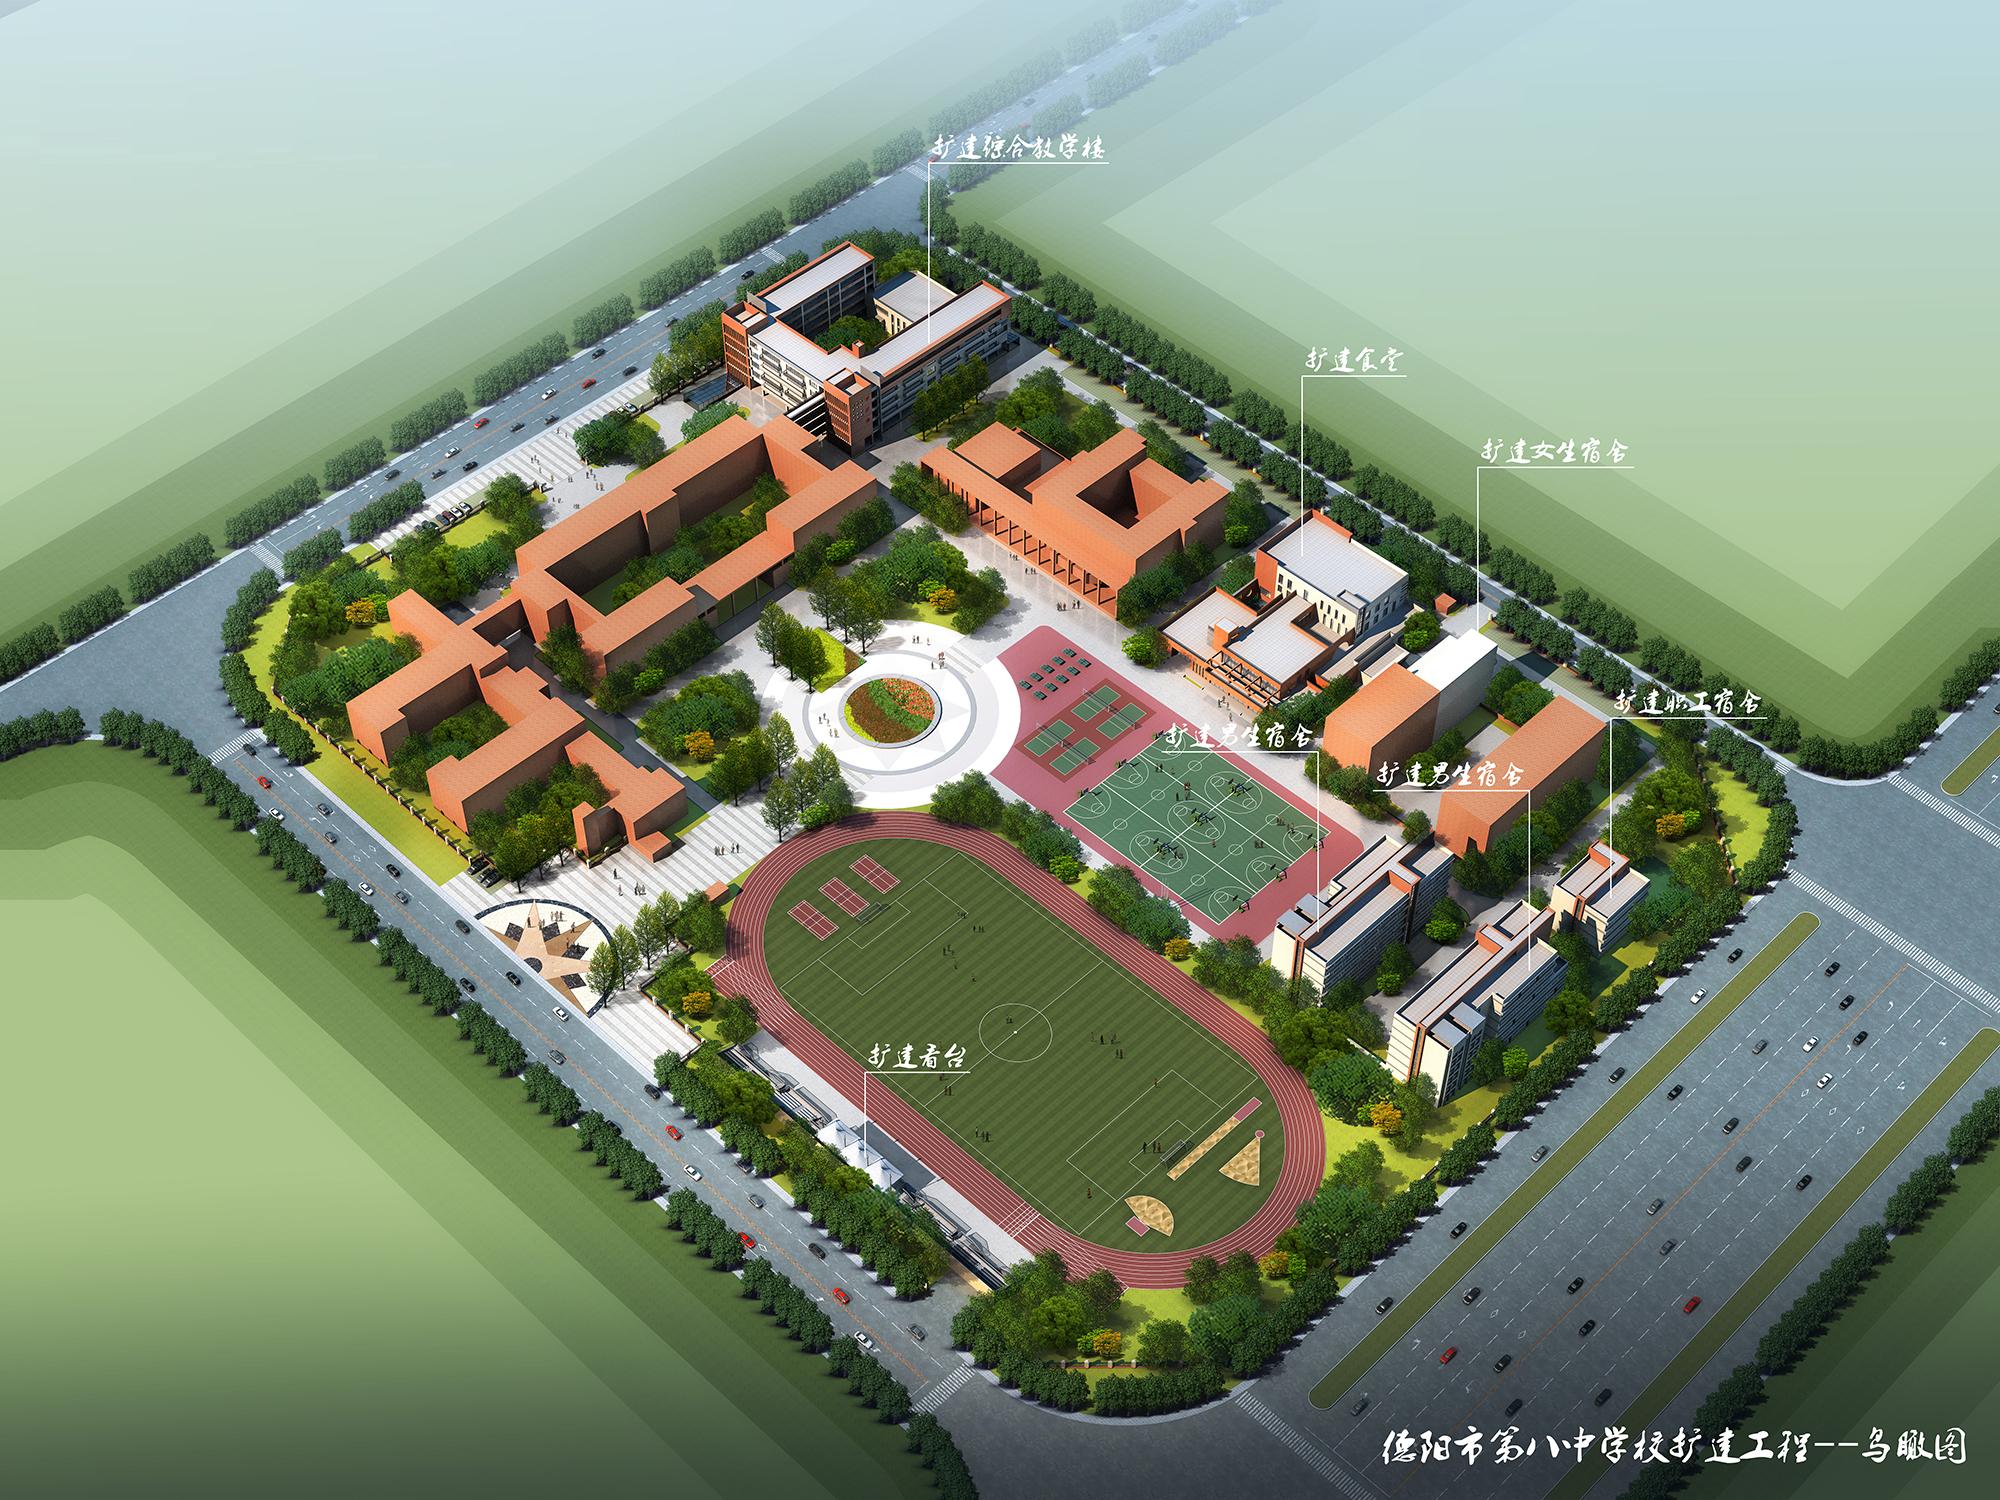 德阳市第八中工程扩建学校一张效果图看懂扩建哪些莆田创意包装设计图片